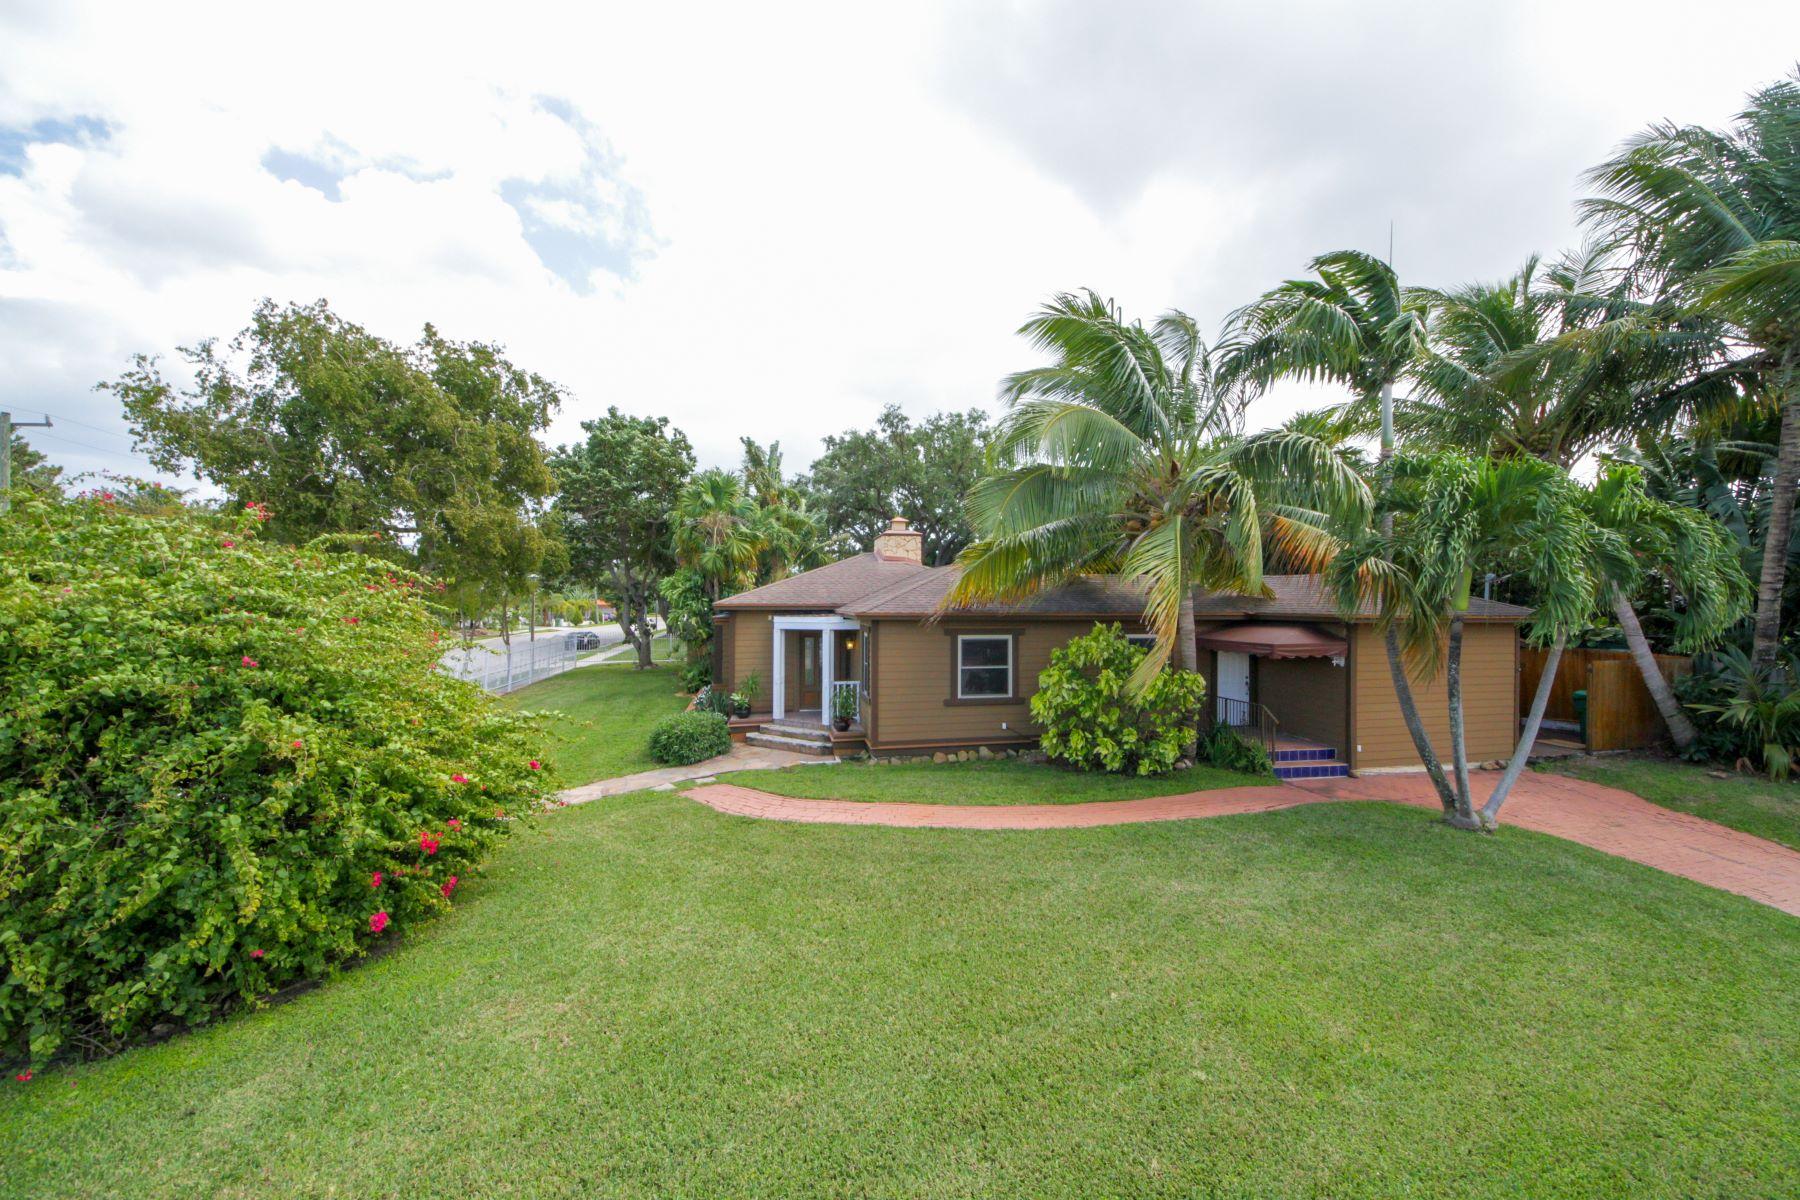 Maison unifamiliale pour l Vente à 800 Ne 76th St Miami, Florida, 33138 États-Unis